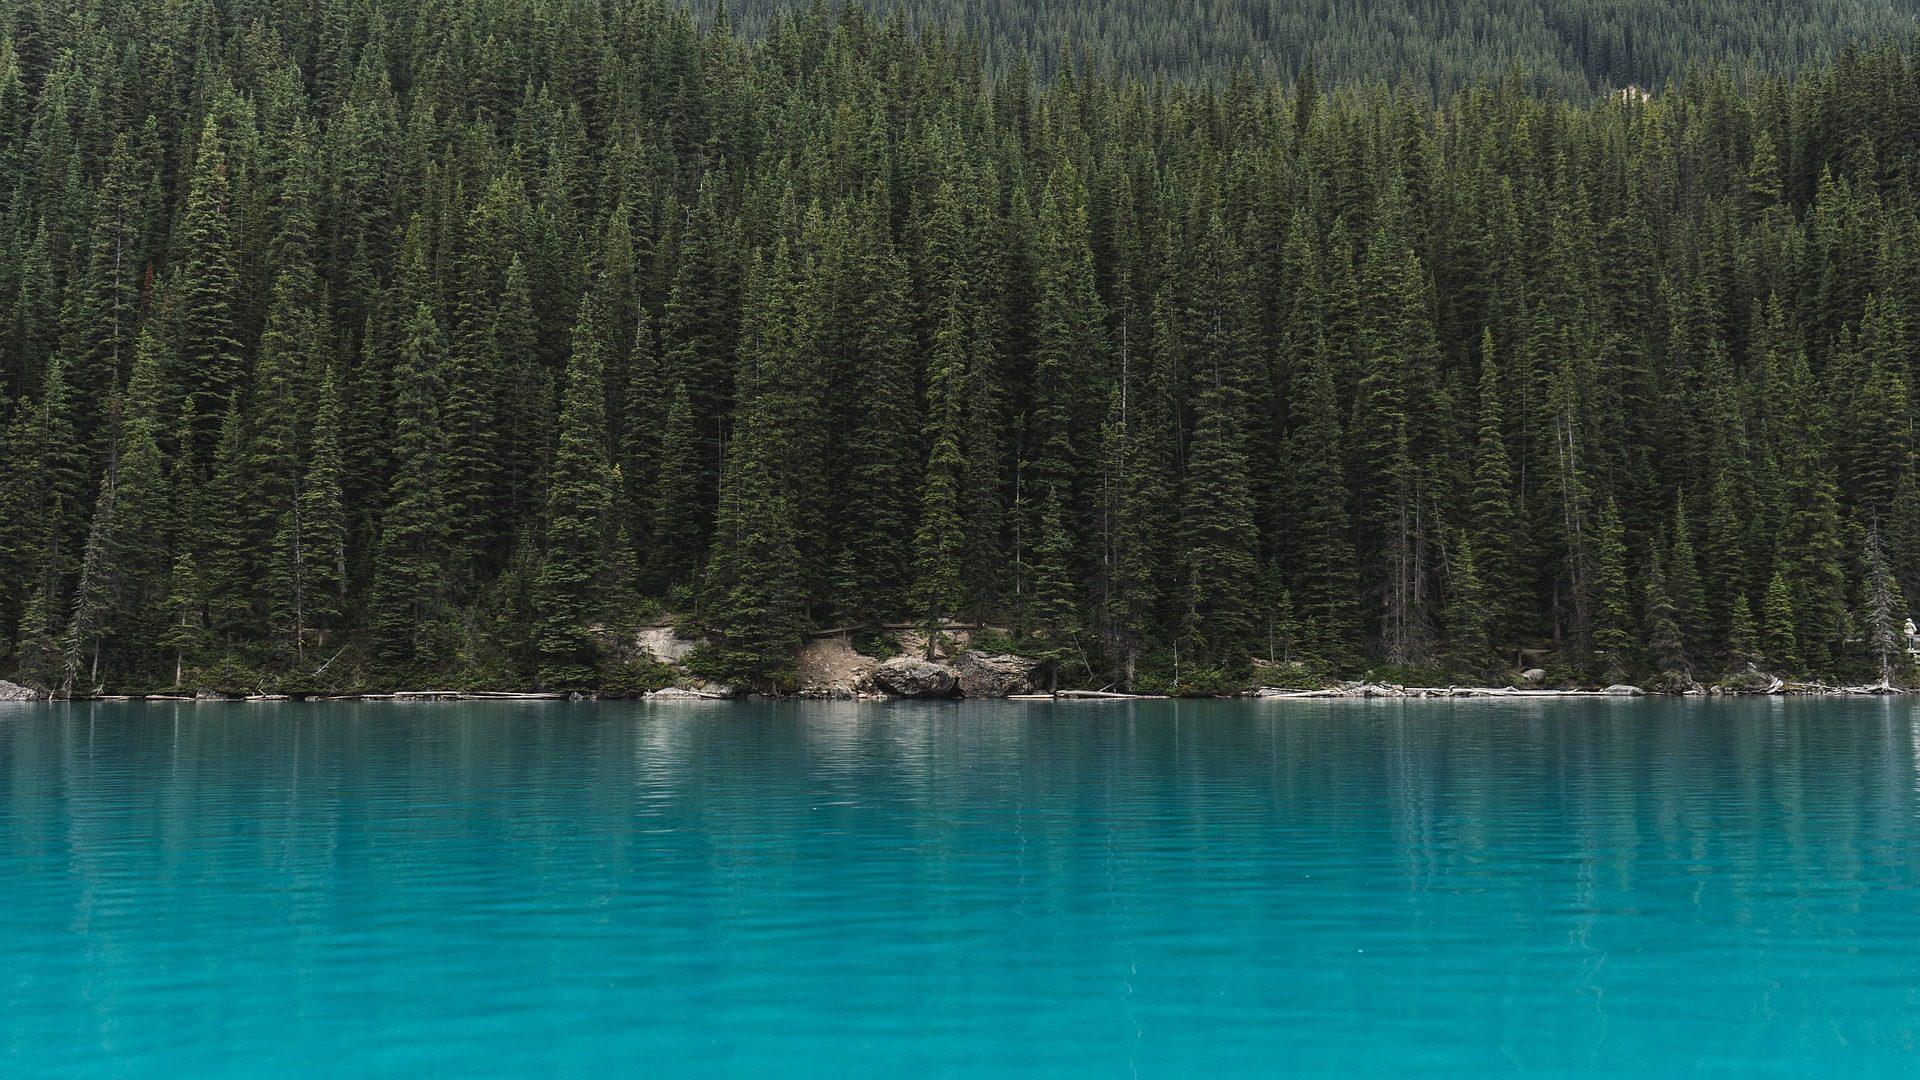 Λίμνη, Τυρκουάζ, δέντρα, Πεύκο, δάσος - Wallpapers HD - Professor-falken.com